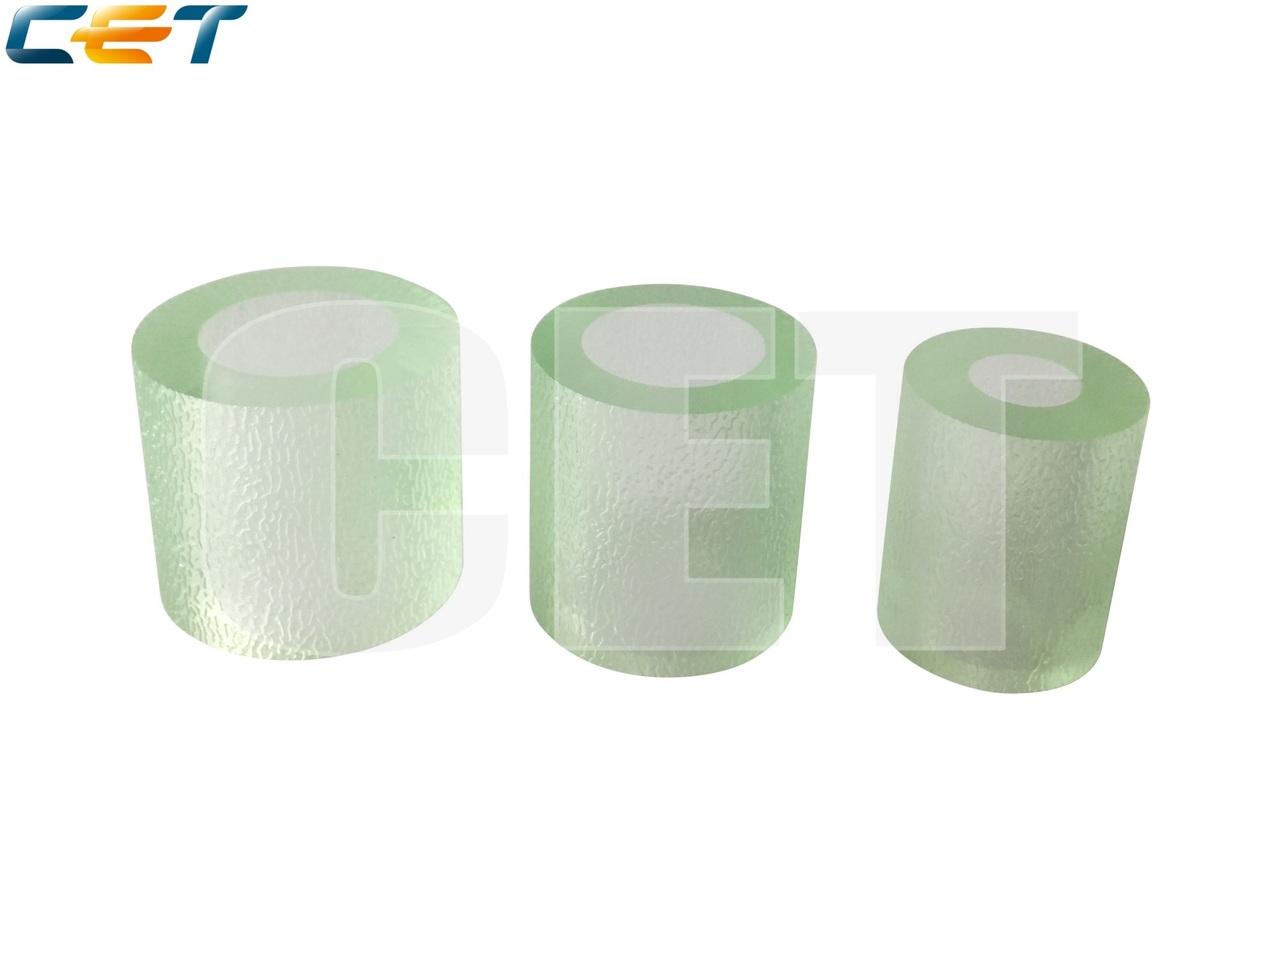 Комплект резинок роликов AF03-2050, AF03-1065, AF03-0051,AF03-0081, AF03-1082, AF03-2080 для RICOH Aficio 1060/1075(CET), CET4700PT